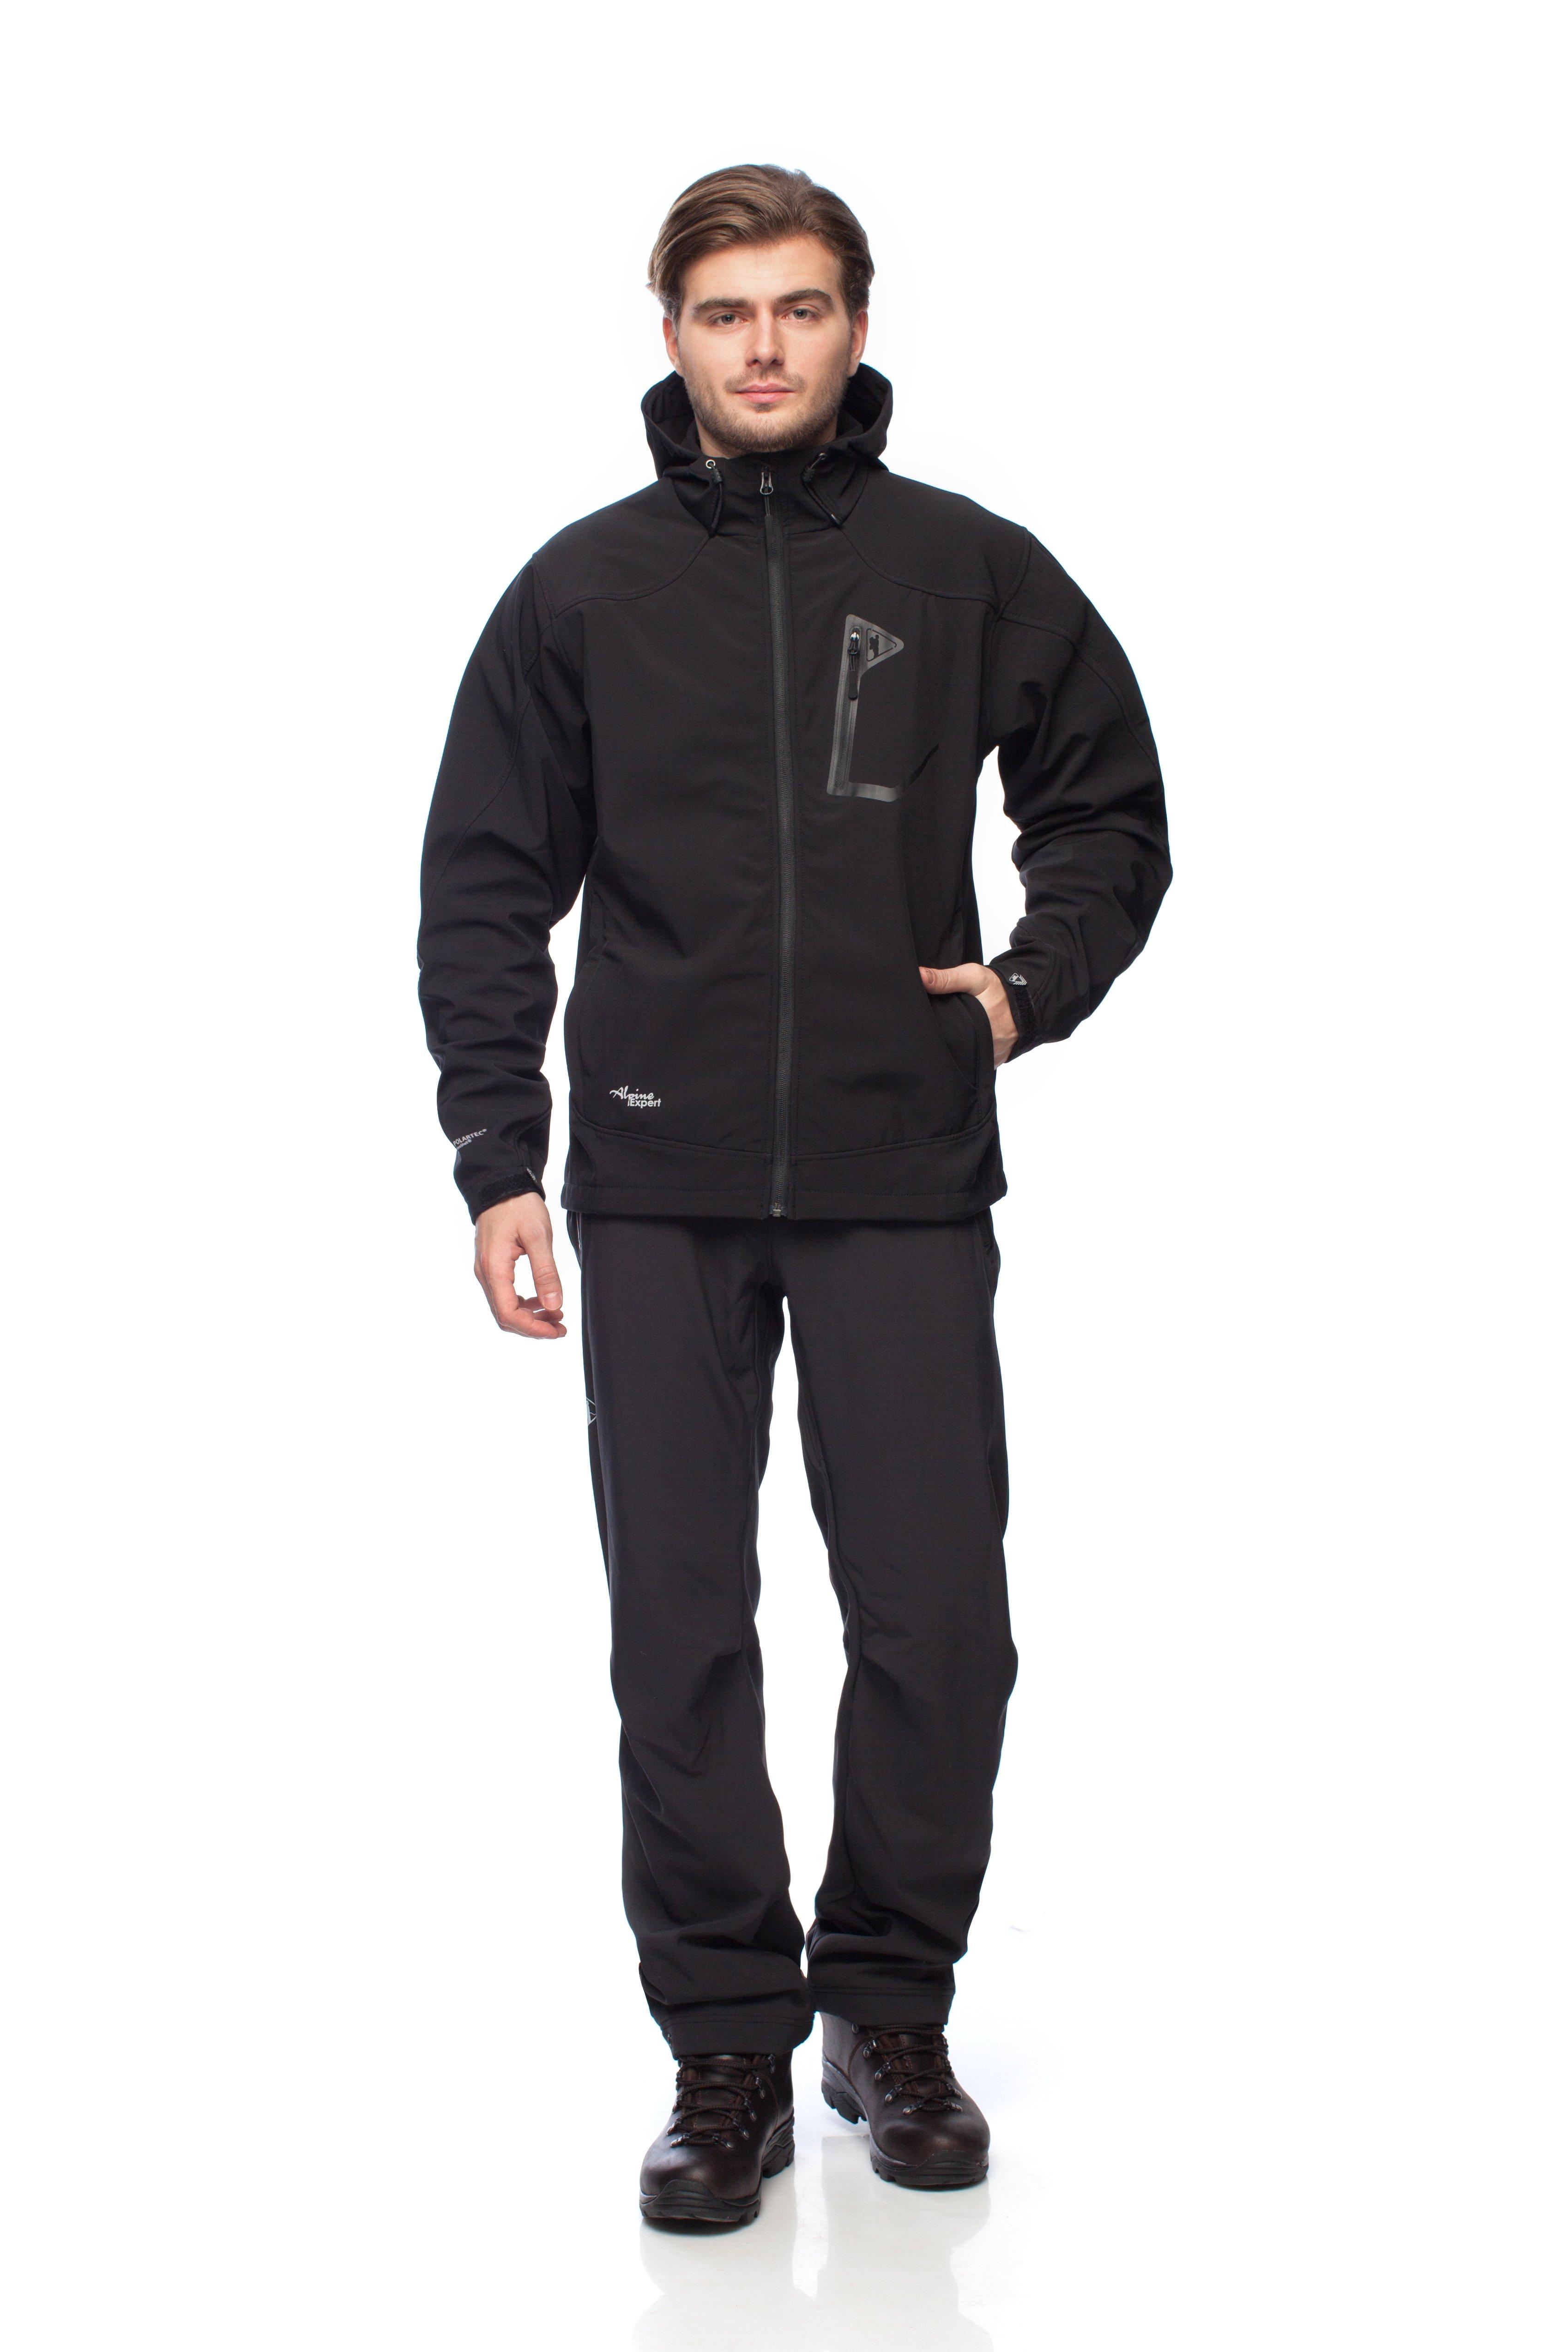 Куртка BASK TORNADO NEOSHELL 4954BКуртки<br><br><br>Верхняя ткань: Polartec® NeoShell<br>Вес граммы: 720<br>Ветро-влагозащитные свойства верхней ткани: Да<br>Ветрозащитная планка: Да<br>Ветрозащитная юбка: Нет<br>Влагозащитные молнии: Да<br>Внутренние манжеты: Нет<br>Внутренняя ткань: не применимо<br>Водонепроницаемость: 10000<br>Дублирующий центральную молнию клапан: Нет<br>Защитный козырёк капюшона: Да<br>Капюшон: Несъемный<br>Карман для средств связи: Нет<br>Количество внешних карманов: 3<br>Количество внутренних карманов: 1<br>Мембрана: NeoShell<br>Объемный крой локтевой зоны: Да<br>Отстёгивающиеся рукава: Нет<br>Паропроницаемость: 20000<br>Пол: Мужской<br>Проклейка швов: Нет<br>Размеры: S - XXL<br>Регулировка манжетов рукавов: Да<br>Регулировка низа: Да<br>Регулировка объёма капюшона: Да<br>Регулировка талии: Нет<br>Регулируемые вентиляционные отверстия: Нет<br>Световозвращающая лента: Нет<br>Технология Thermal Welding: Да<br>Технология швов: Простые<br>Тип молнии: Однозамковая влагостойкая<br>Ткань усиления: Polartec®NeoShell<br>Усиление контактных зон: Да<br>Размер INT: L<br>Цвет: ЧЕРНЫЙ